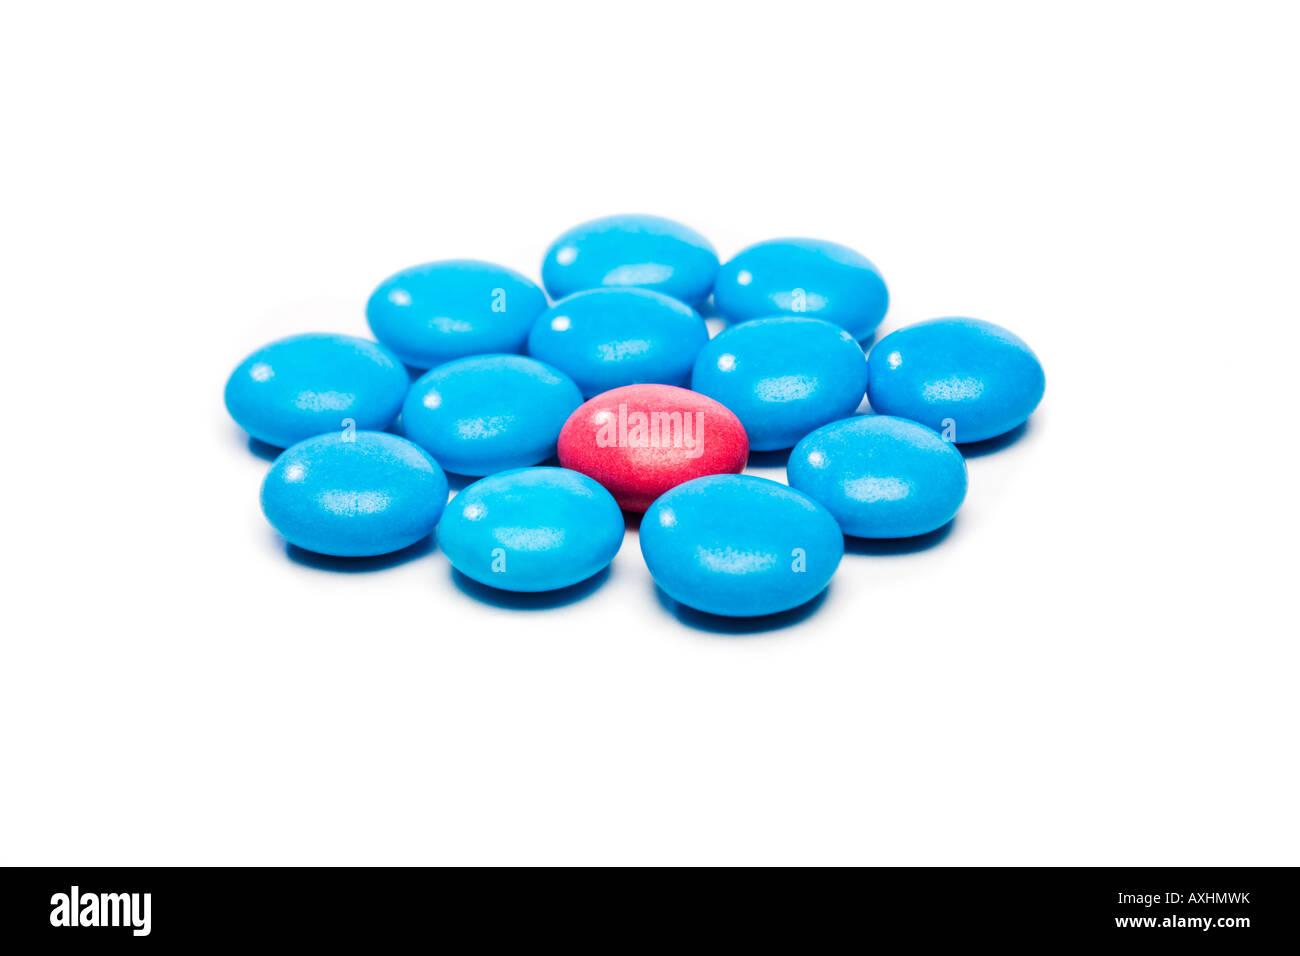 Bonbons colorés utilisés pour montrer le concept de protection, l'inclusion ou l'individualité Photo Stock